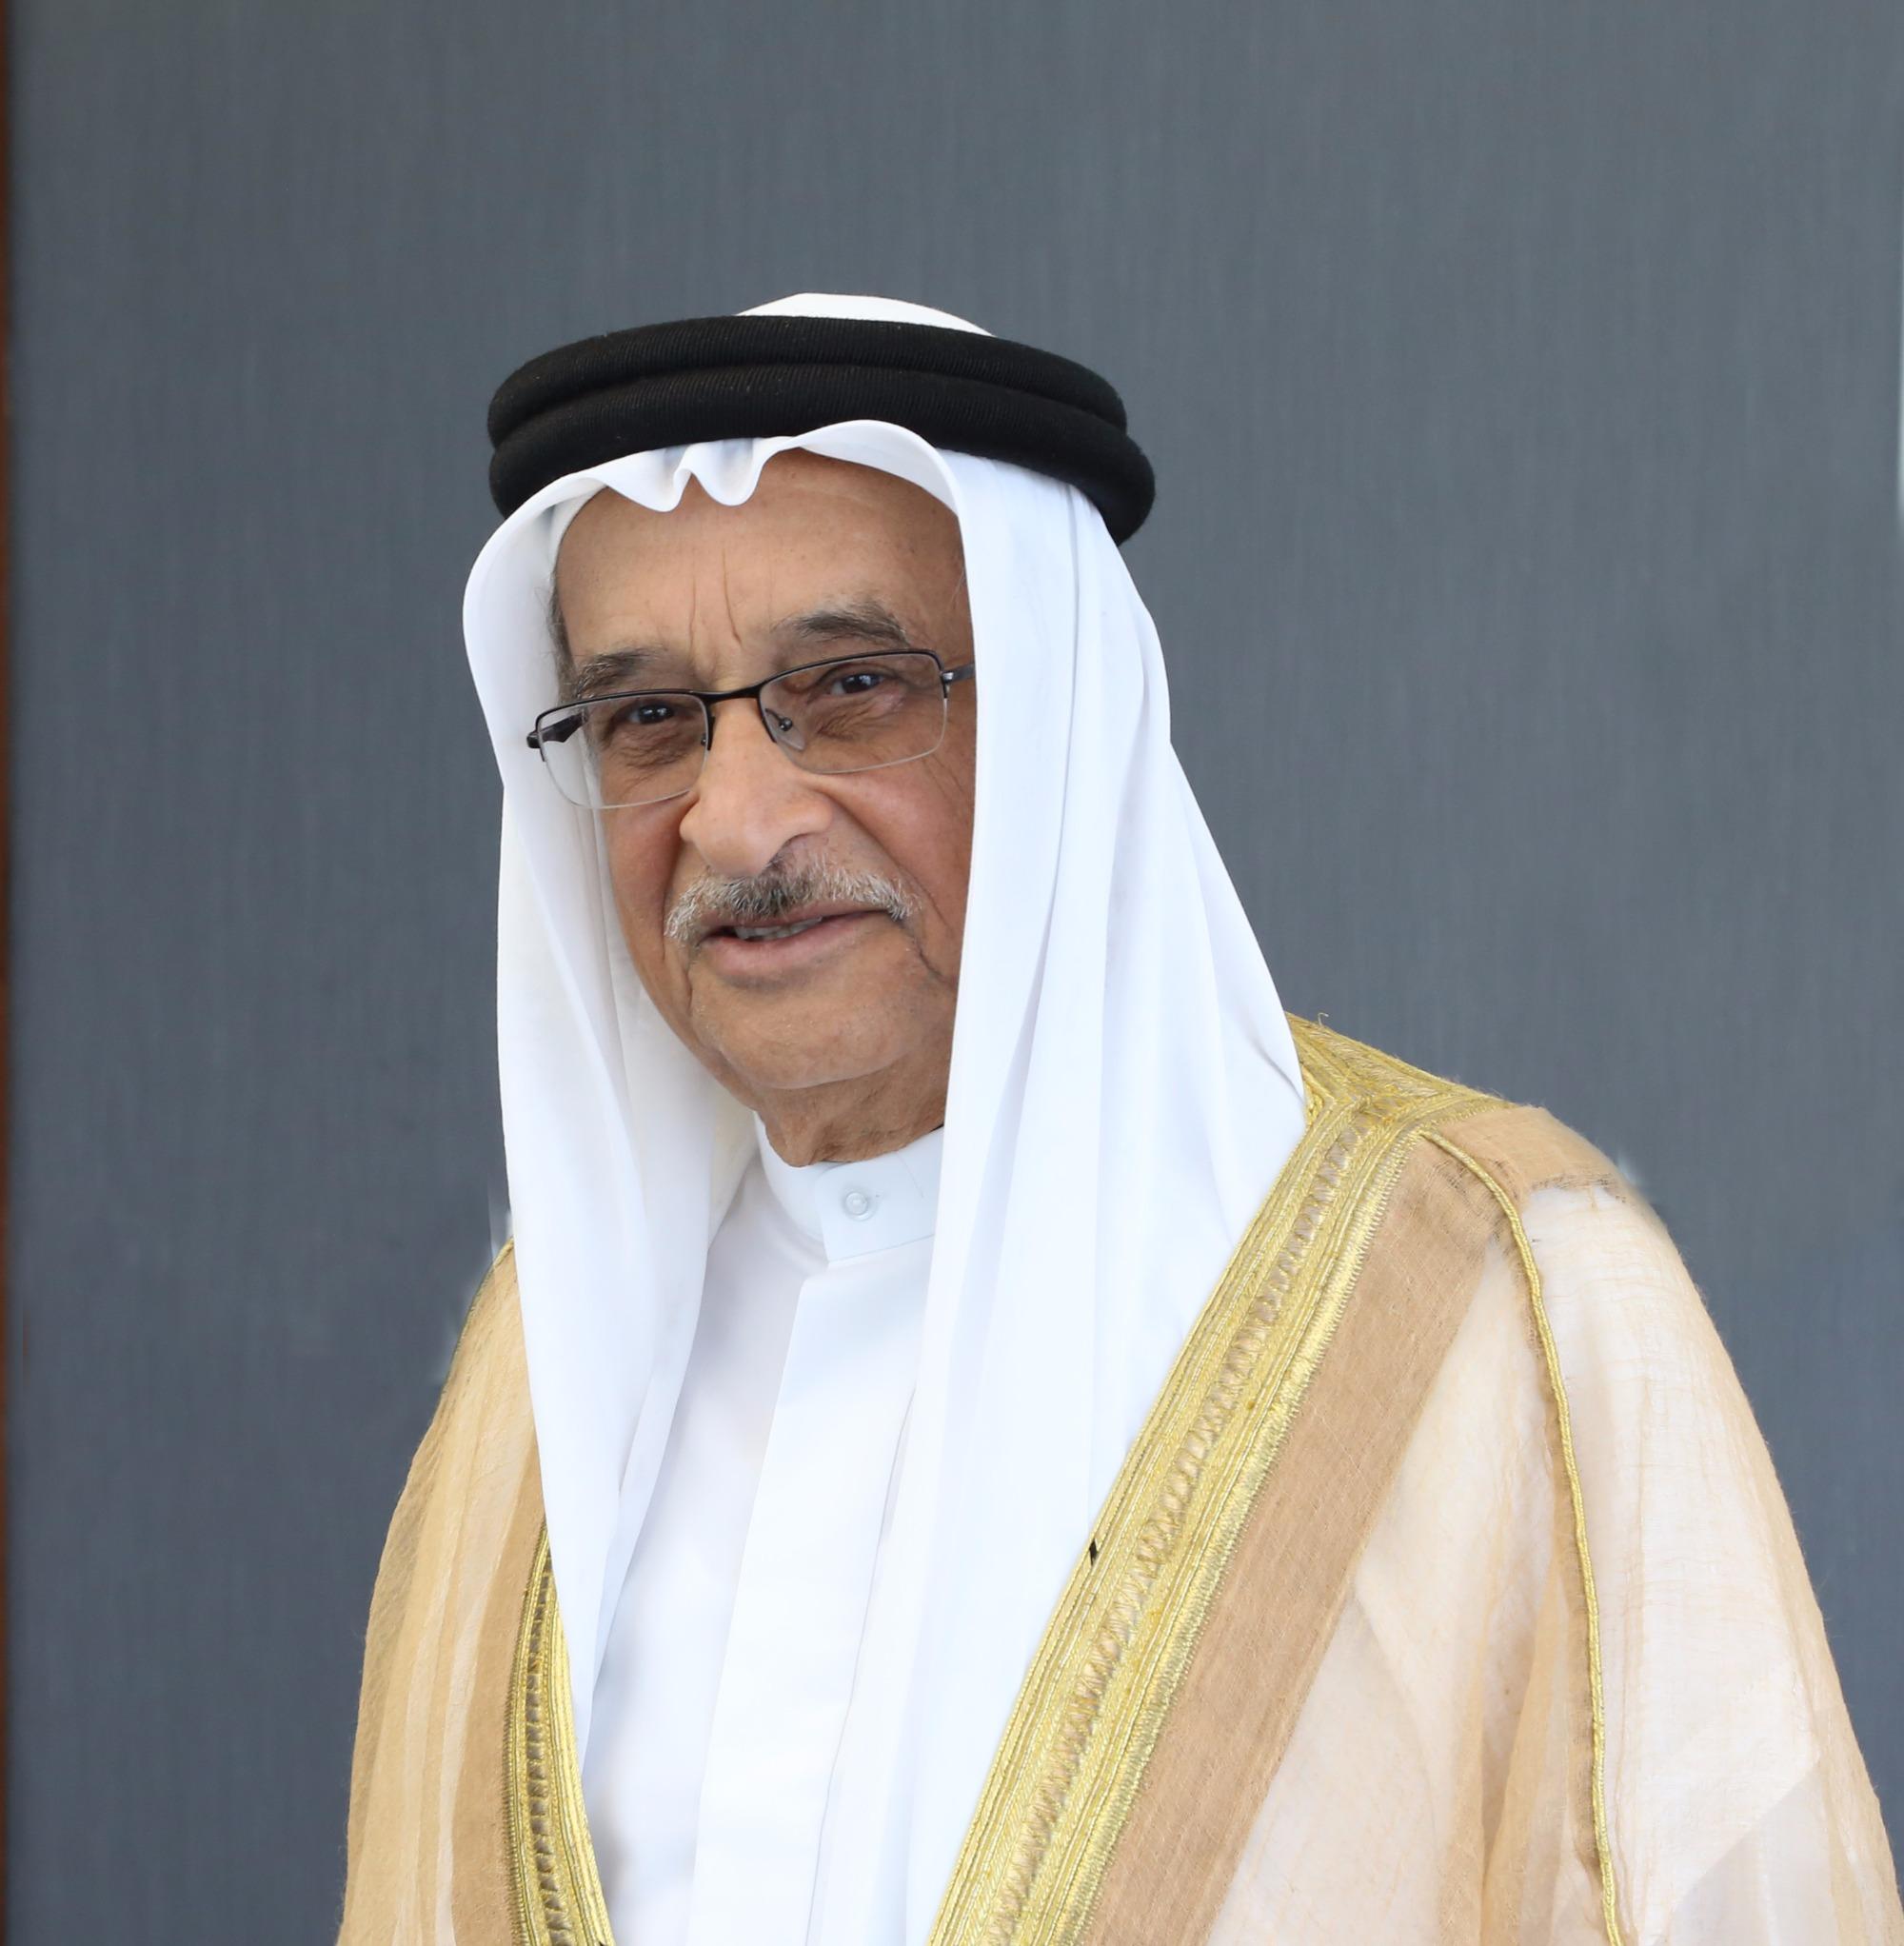 رئيس المجلس الأعلى للصحة الفريق طبيب الشيخ محمد بن عبدالله آل خليفة